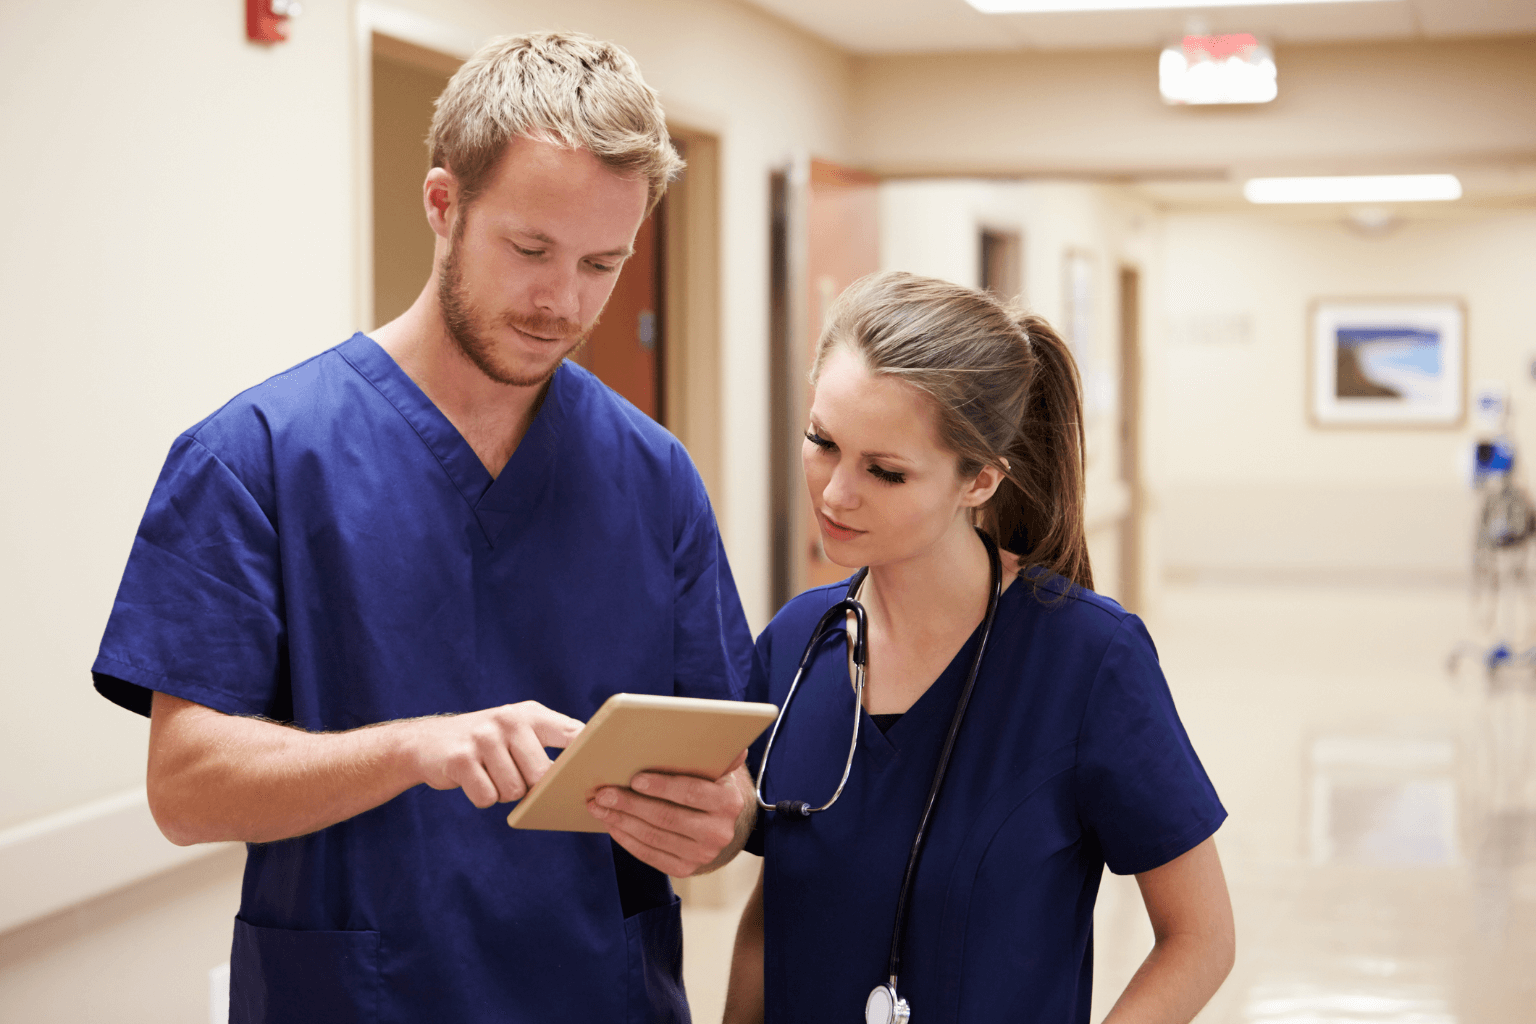 Medical-Staff-Looking-At-Digital-Tablet-In-Hospital-Corridorjpg